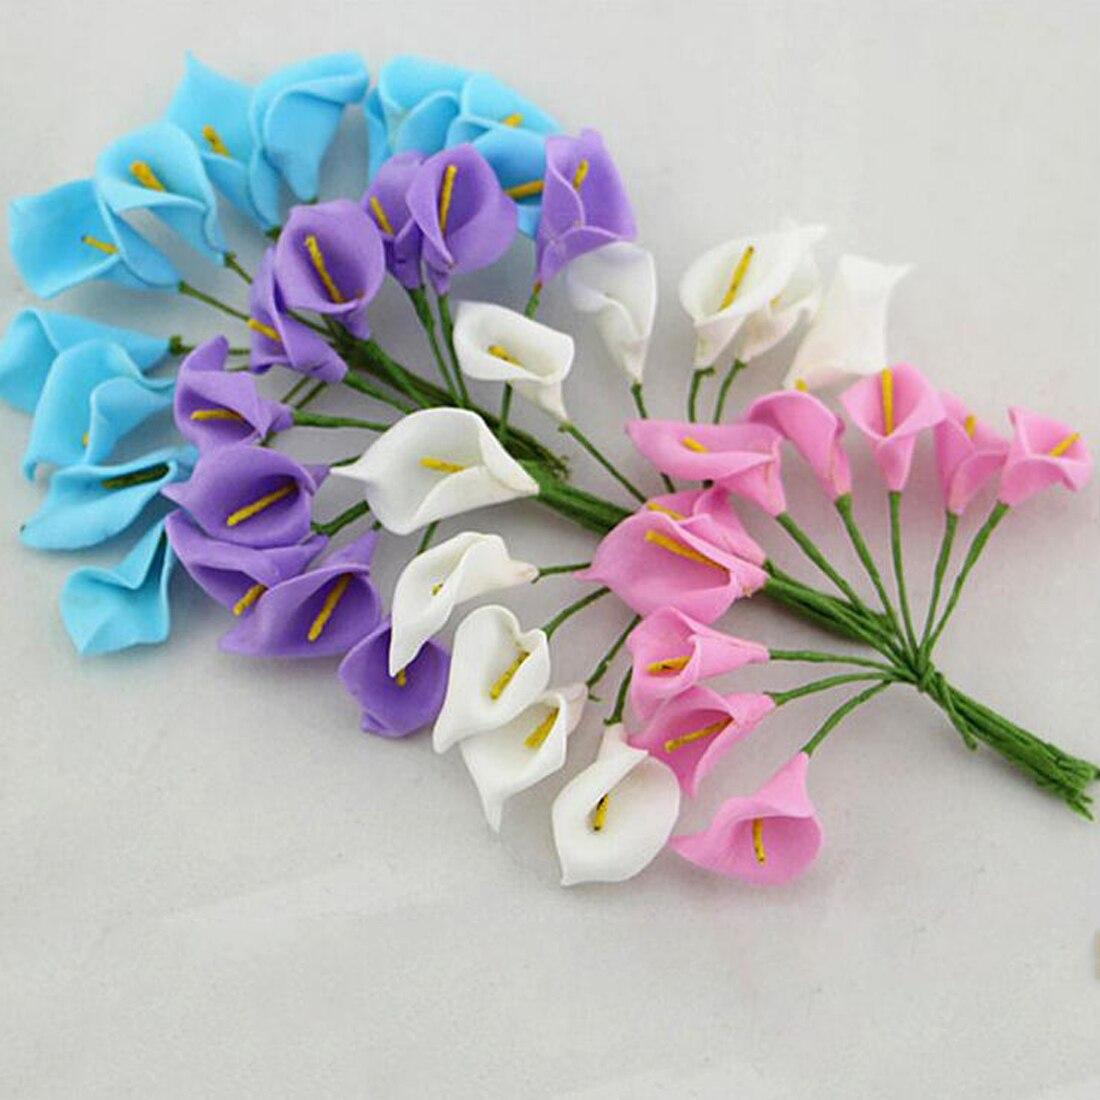 Мини пена Калла Handmake искусственные букет Свадебные украшения DIY ВЕНОК подарочной коробке Скрапбукинг Craft поддельный цветок 12 шт.